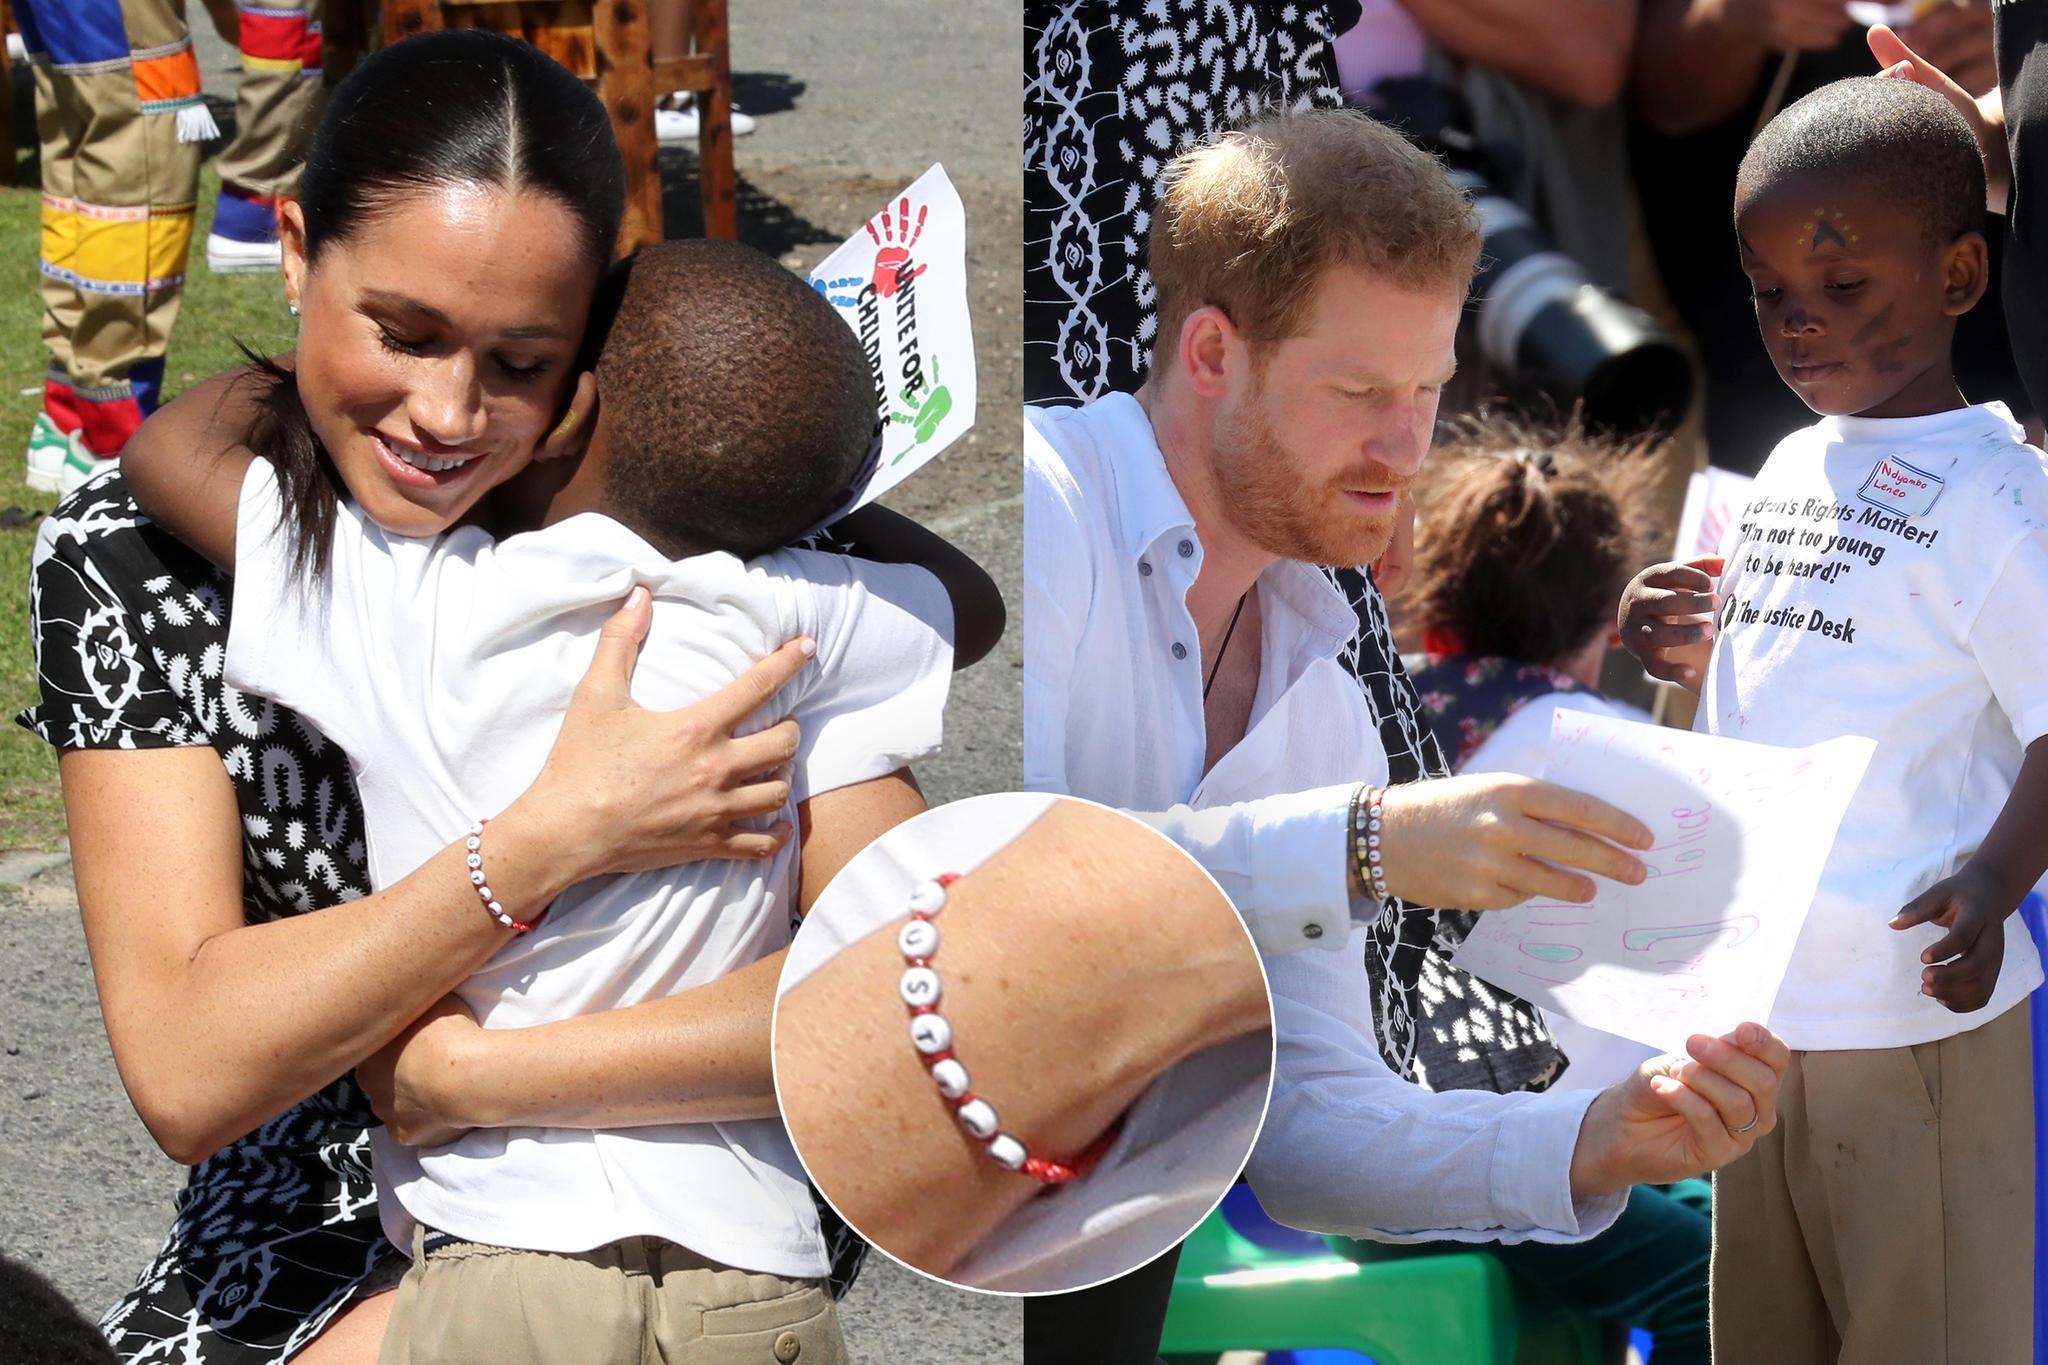 """Meghan und Harry zeigen sich beim Besuch der """"Justice Desk""""-Initiative mit Armbändern, dessen Perlen das Wort """"Justice"""" (dt. Gerechtigkeit) ziert."""